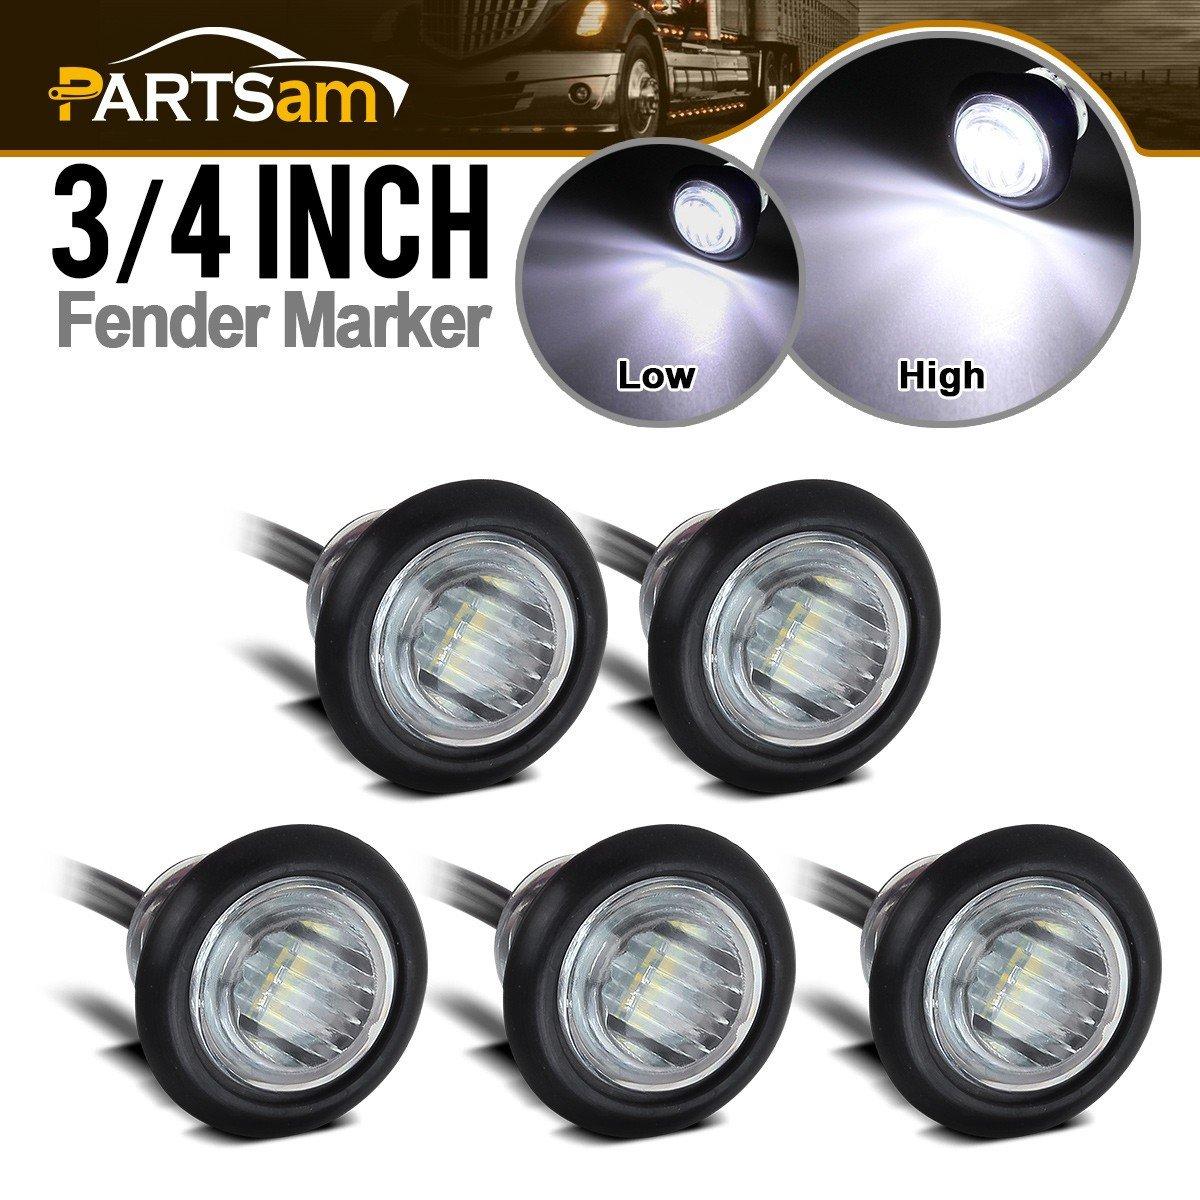 """Partsam 5pcs Truck Trailer White 3/4"""" Side Marker Light Clearance Stop Turn Tail Brake light LED Clear Lens"""